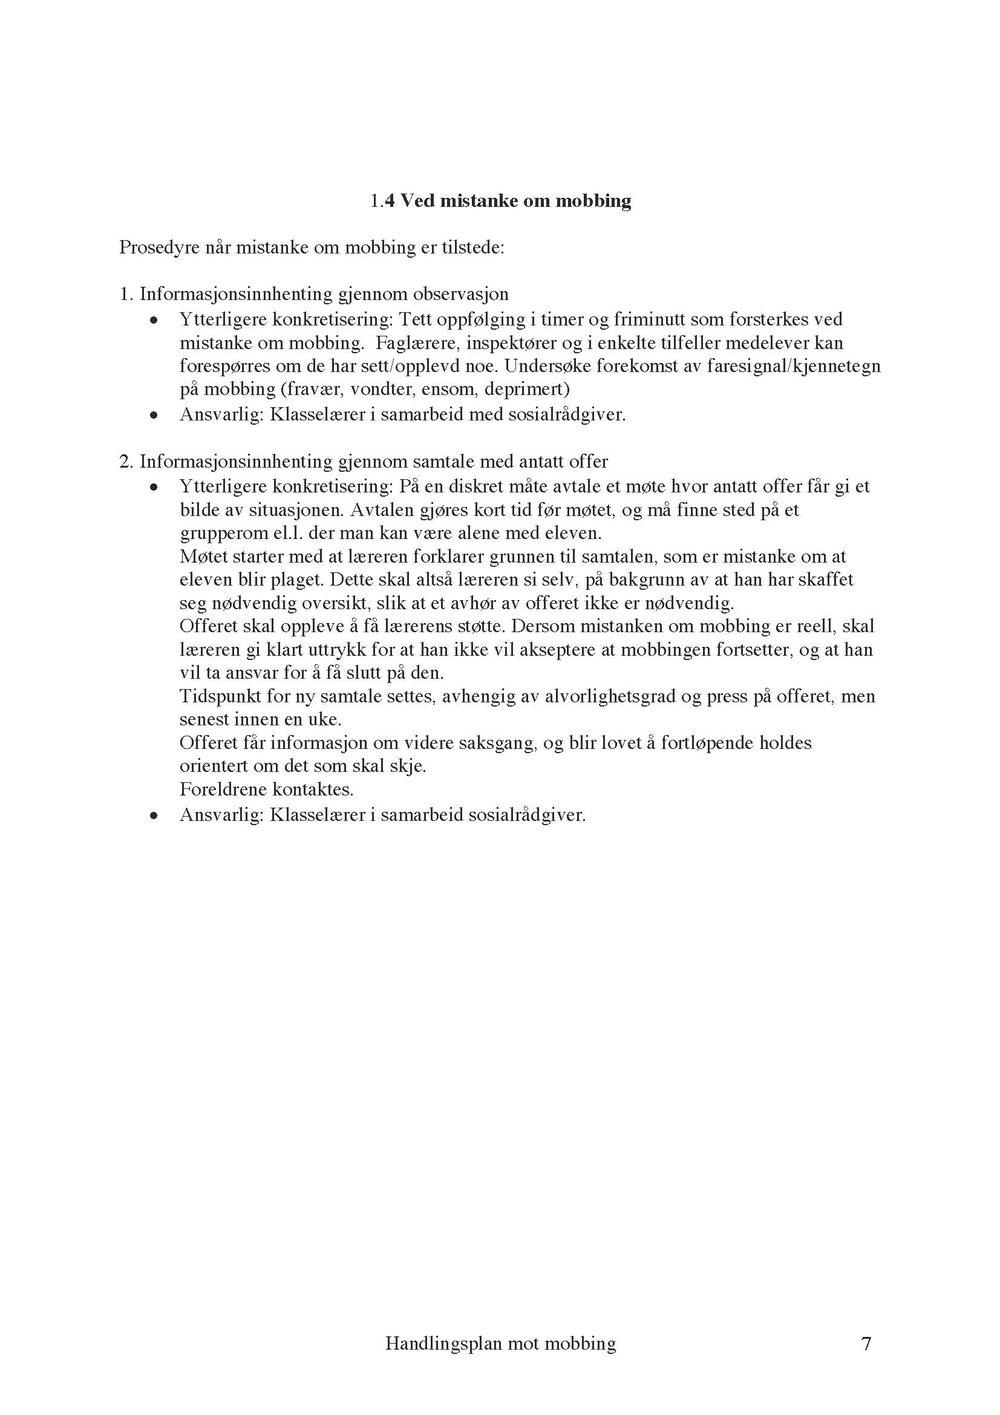 Handlingsplan mot mobbing _Page_07.jpg